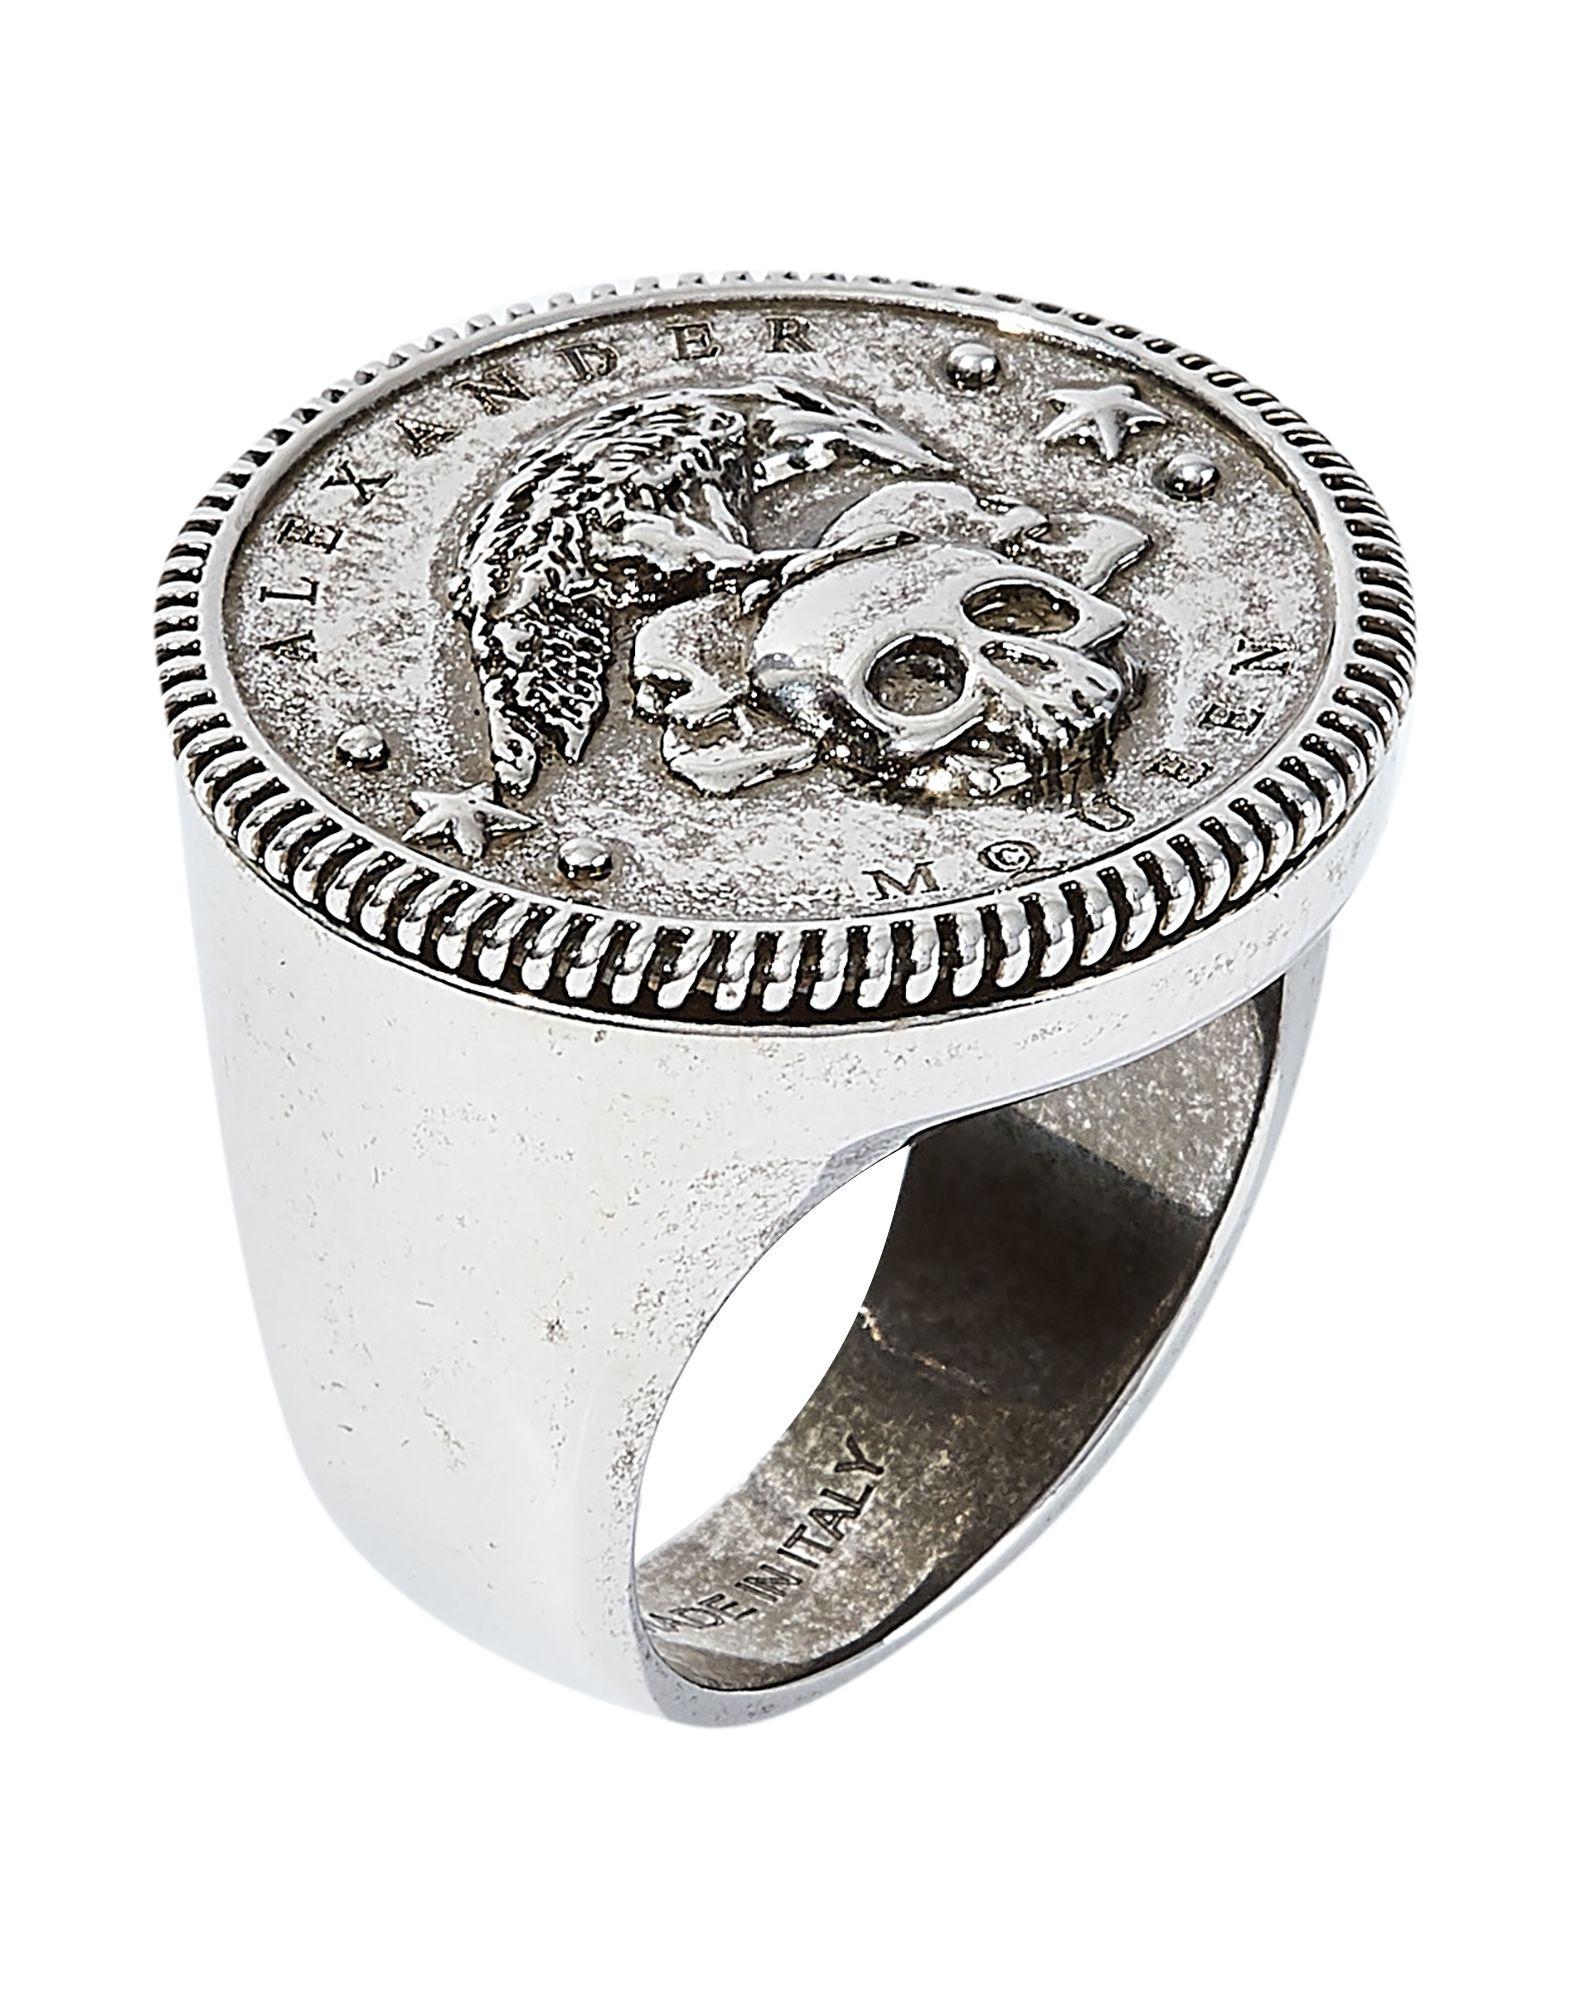 ALEXANDER MCQUEEN Rings. logo. Brass